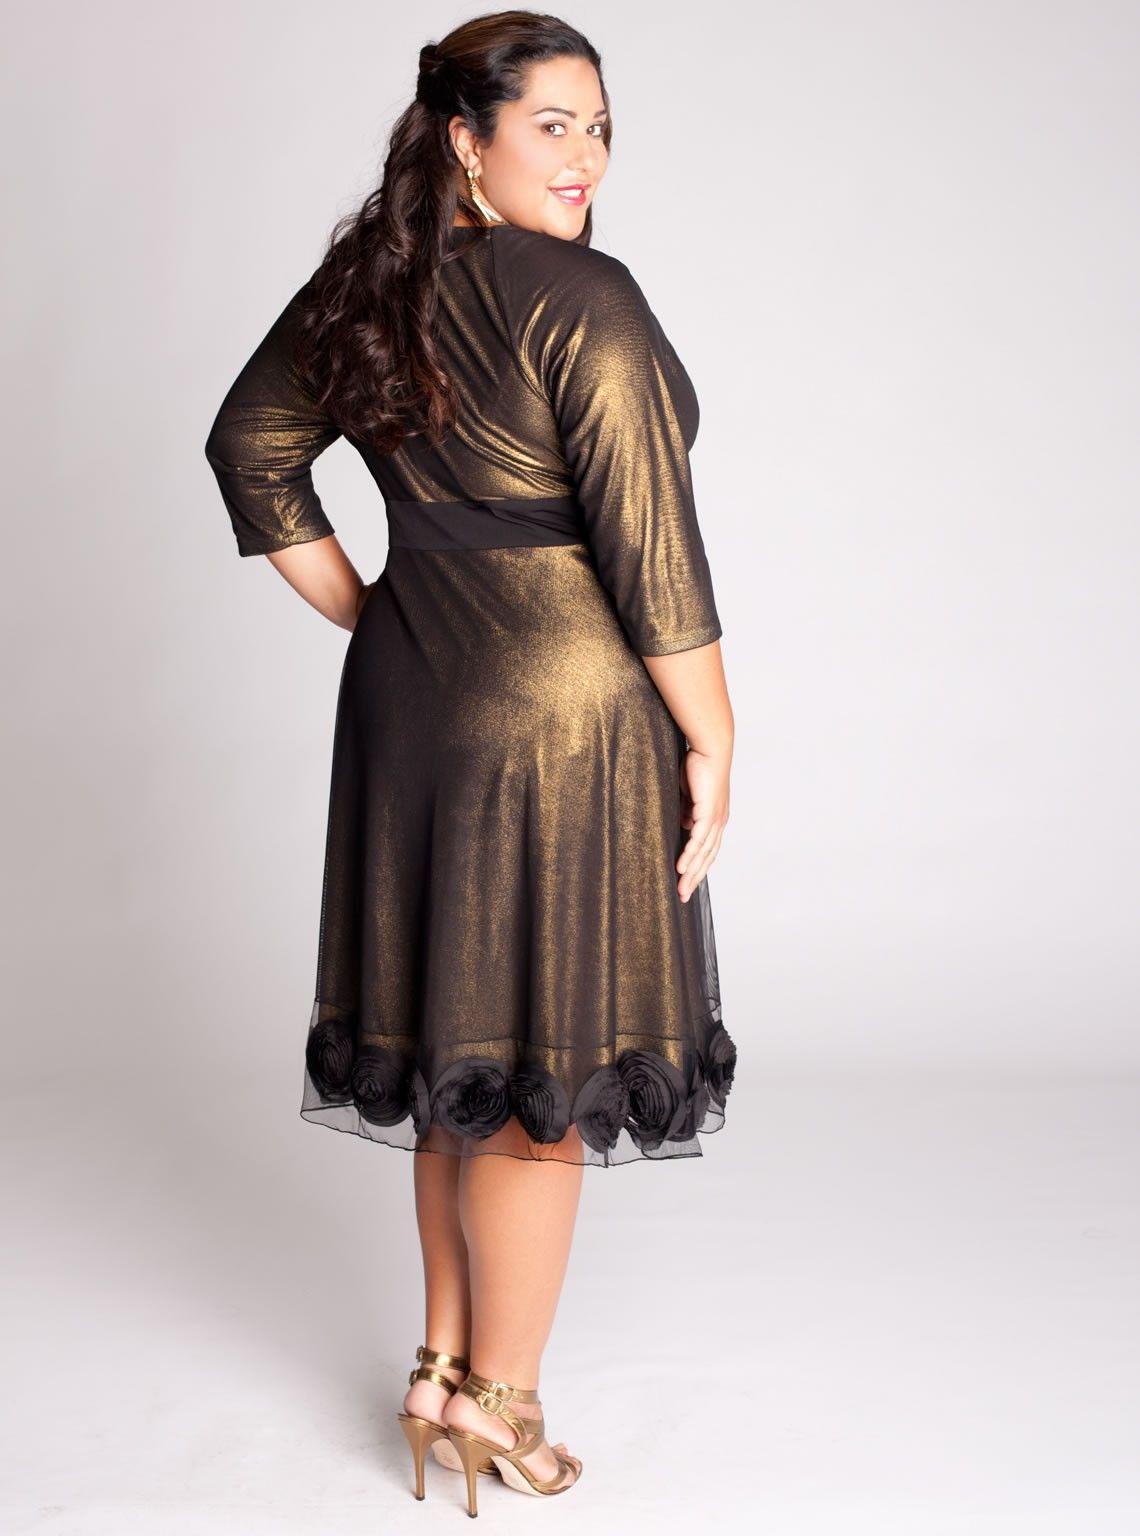 sleepwear   Plus Size Sleepwear & Robes: Nightgowns for Women   One ...